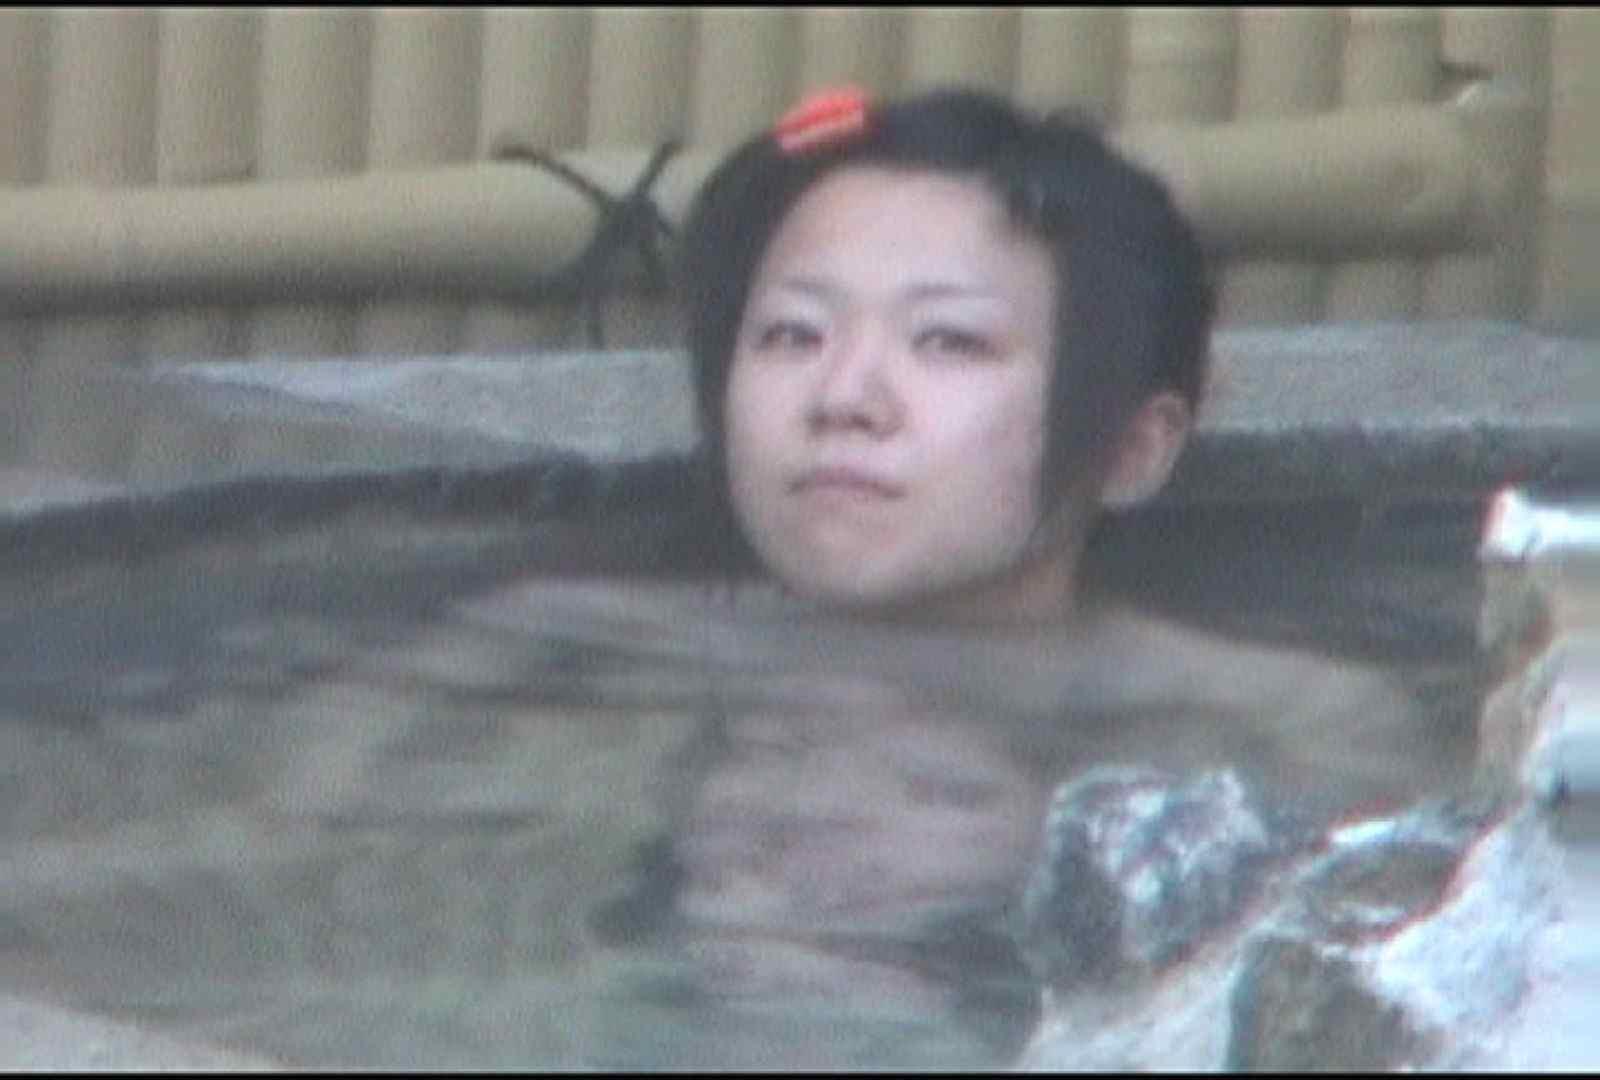 Aquaな露天風呂Vol.175 盗撮 オメコ動画キャプチャ 99枚 65